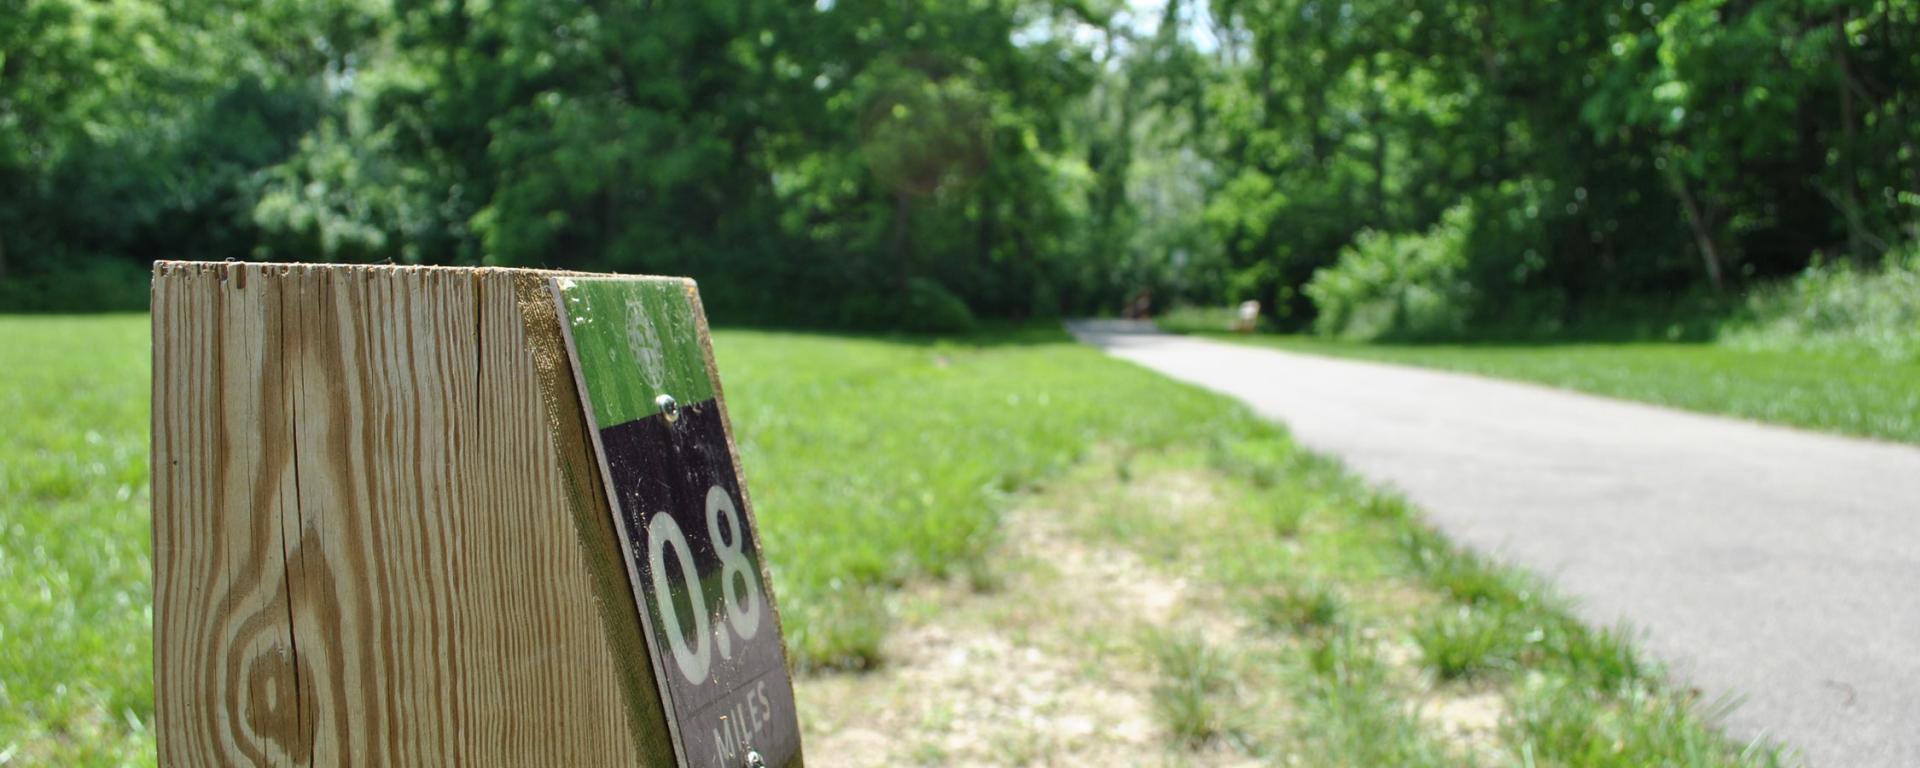 mile marker on park trail